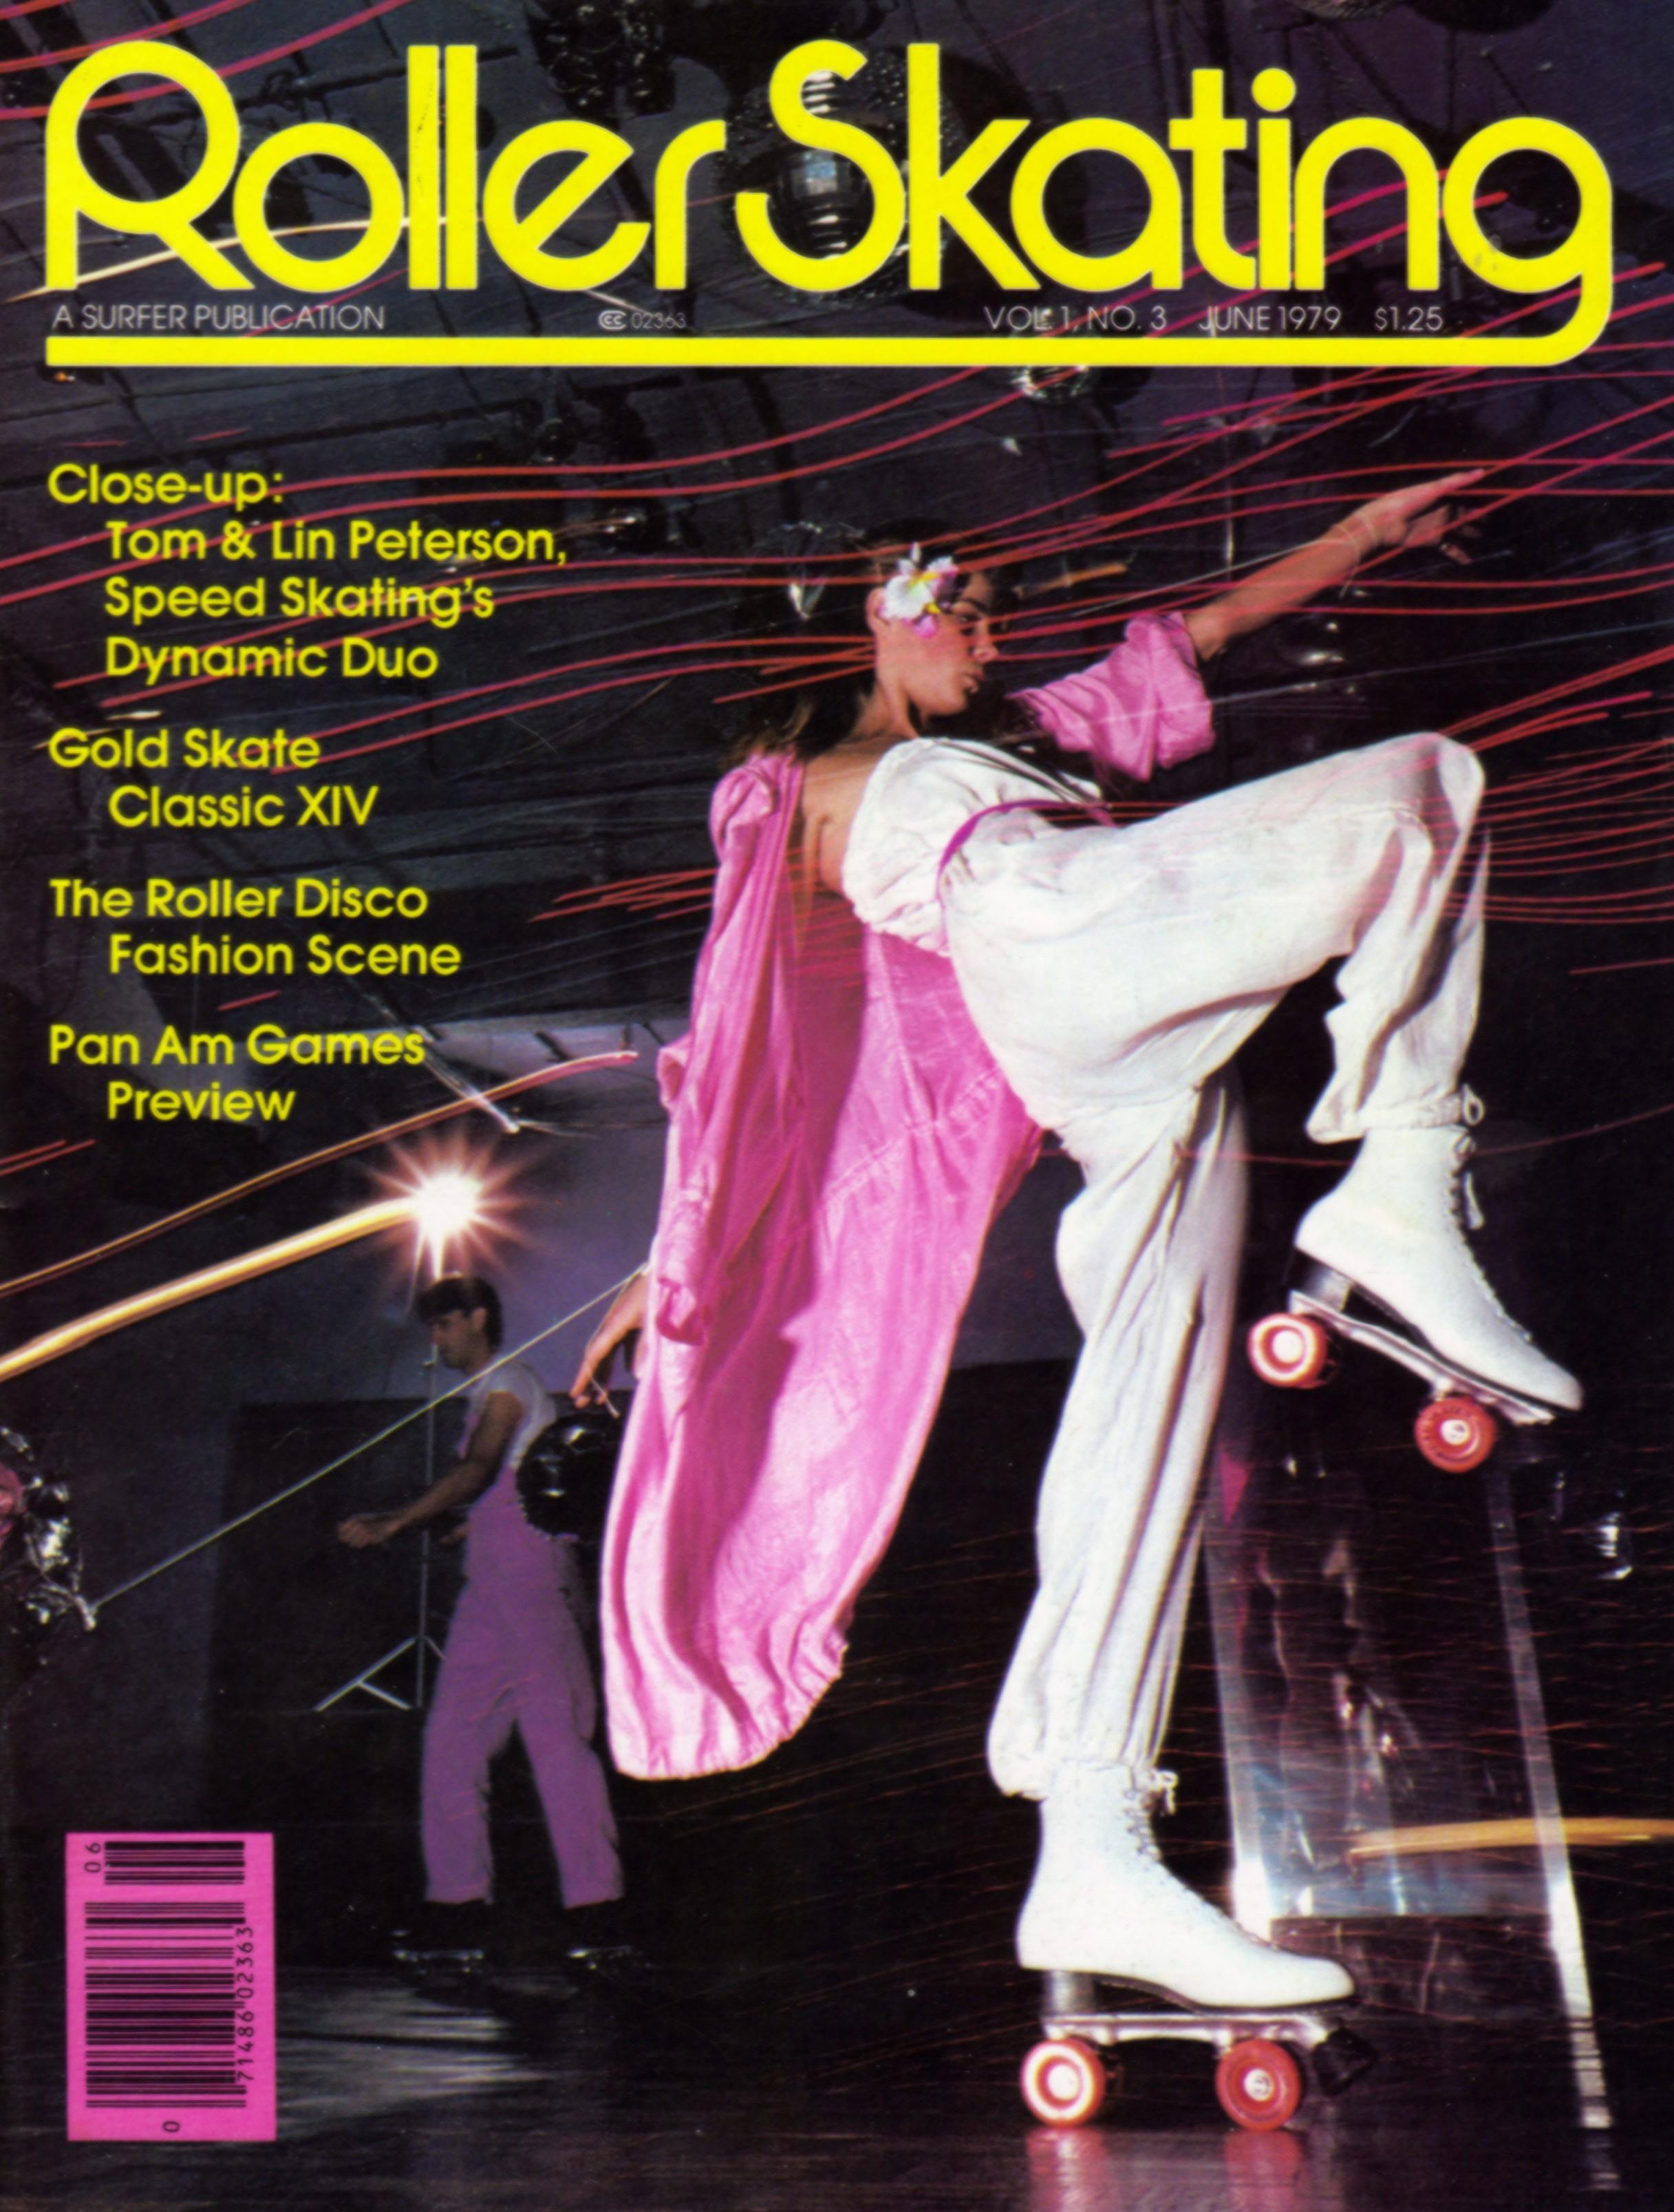 Roller skates dance - Roller Skating Magazine June 1979